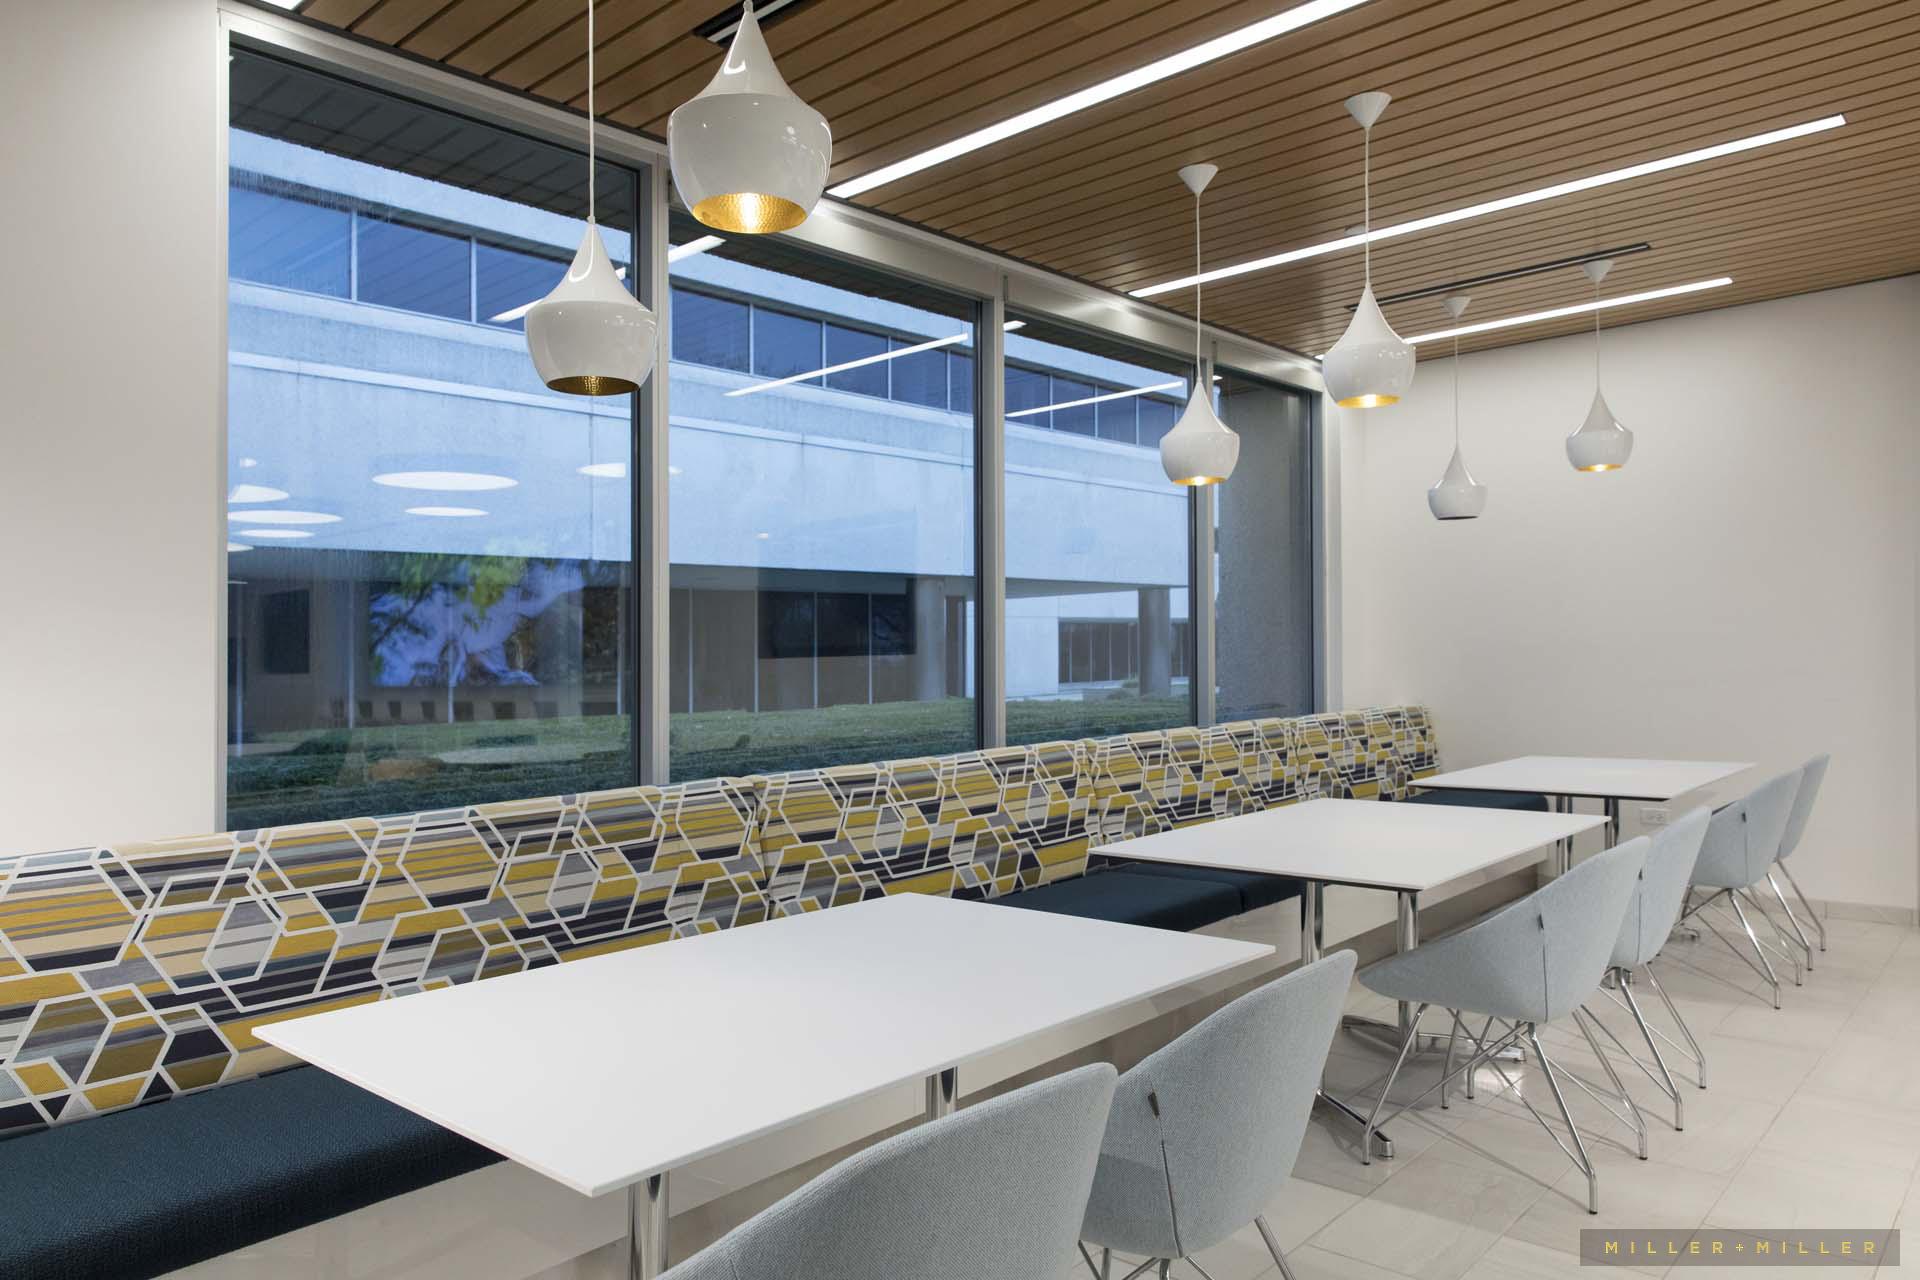 corporate lunchroom interior design photos